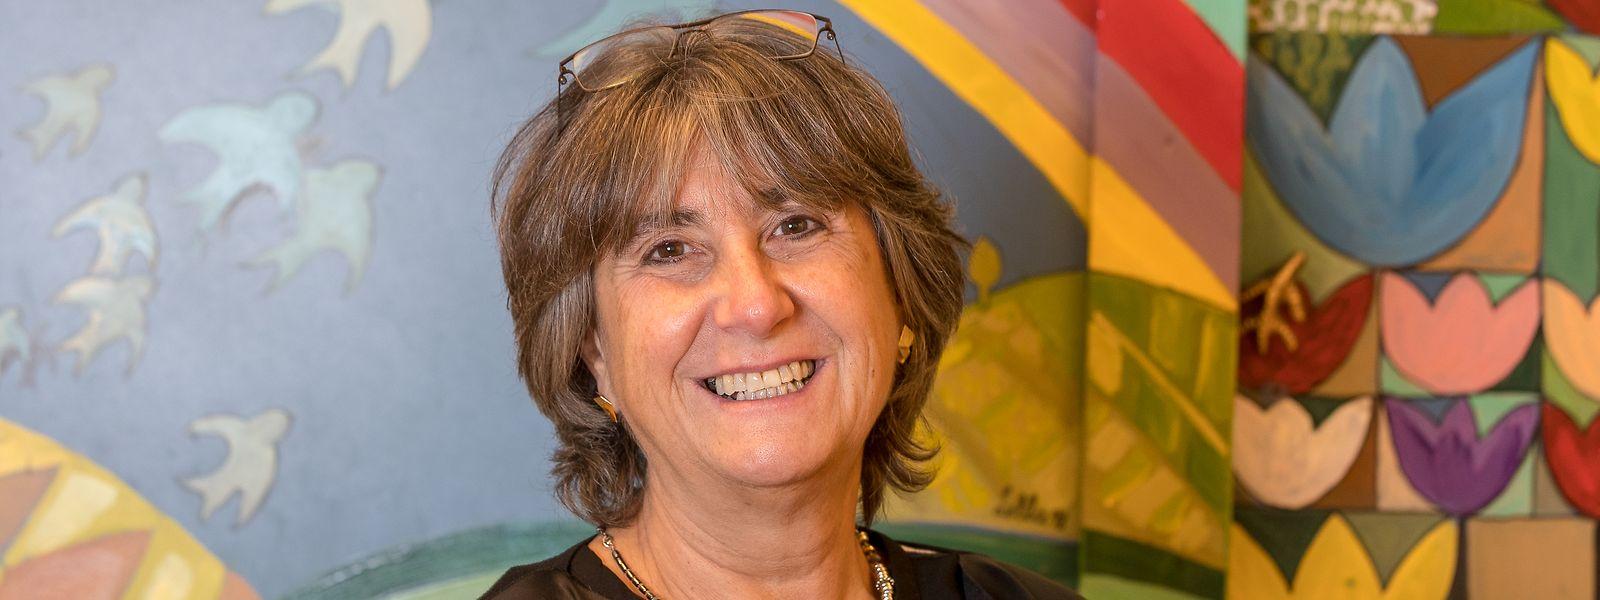 Laura Zuccoli arbeitet seit 1983 für die Ausländerorganisation Asti.